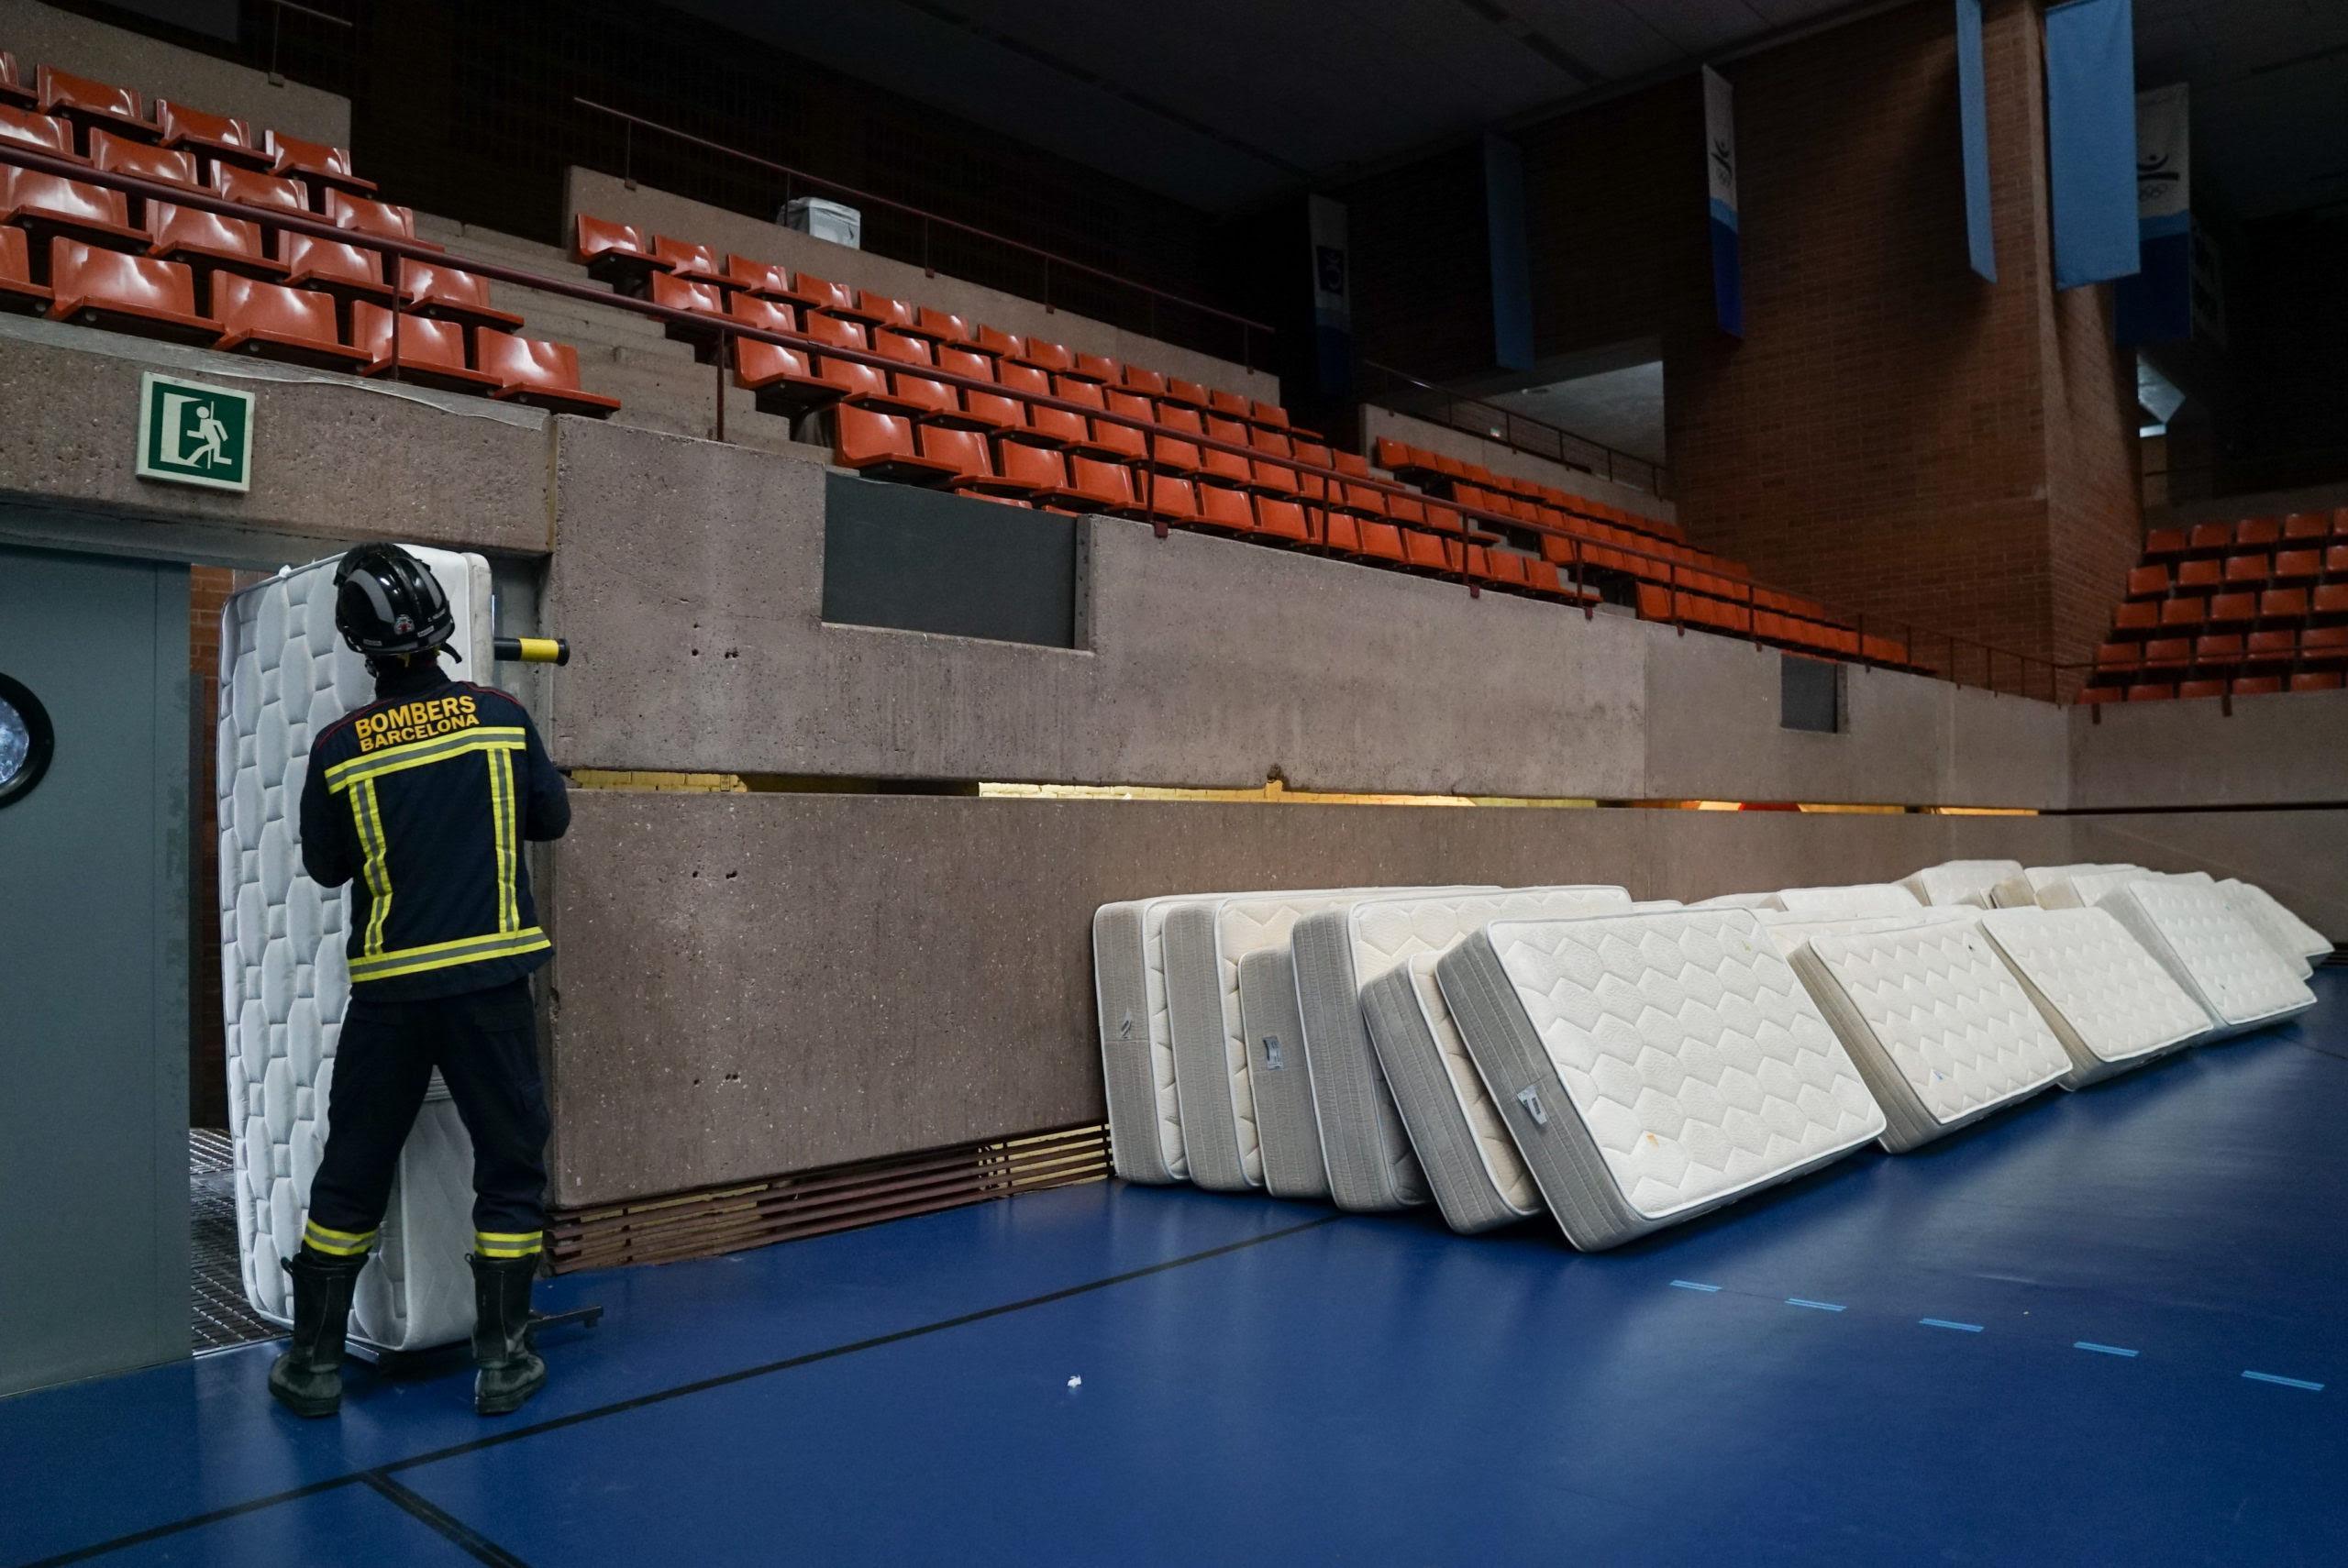 Un bomber col·loca llits a un dels poliesportius / Ajuntament de Barcelona